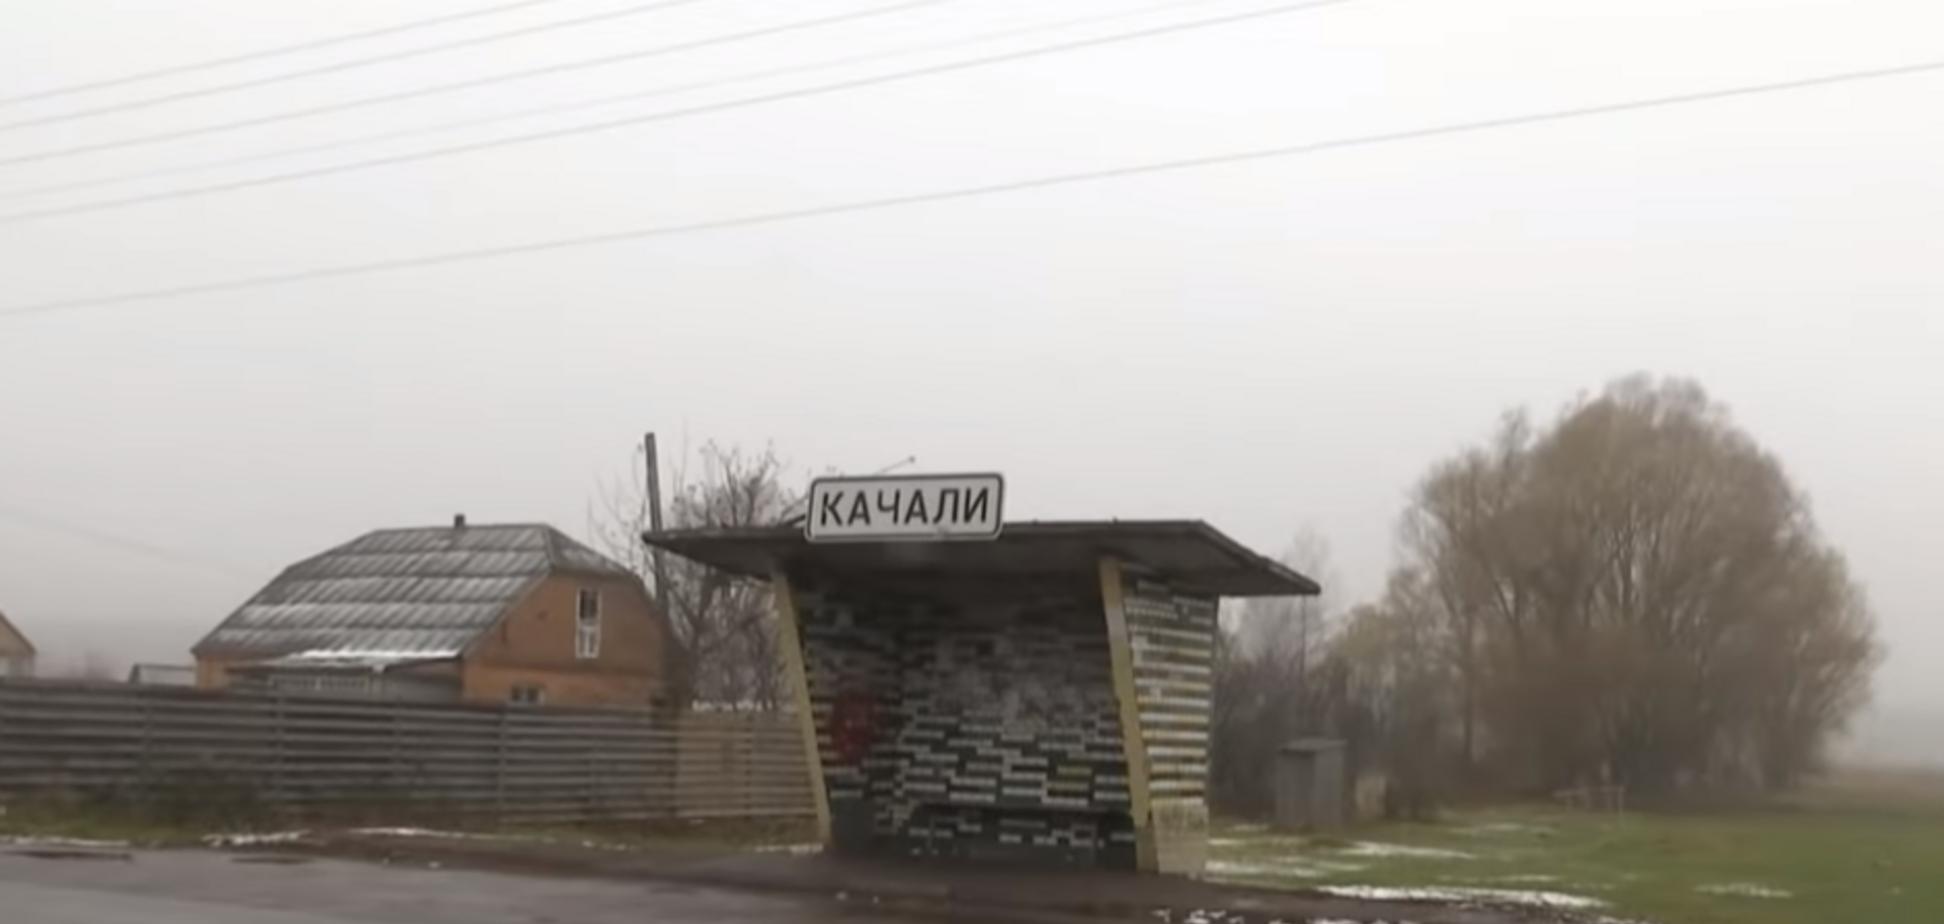 Померла дівчинка, яку збив автомобіль на єврономерах під Києвом